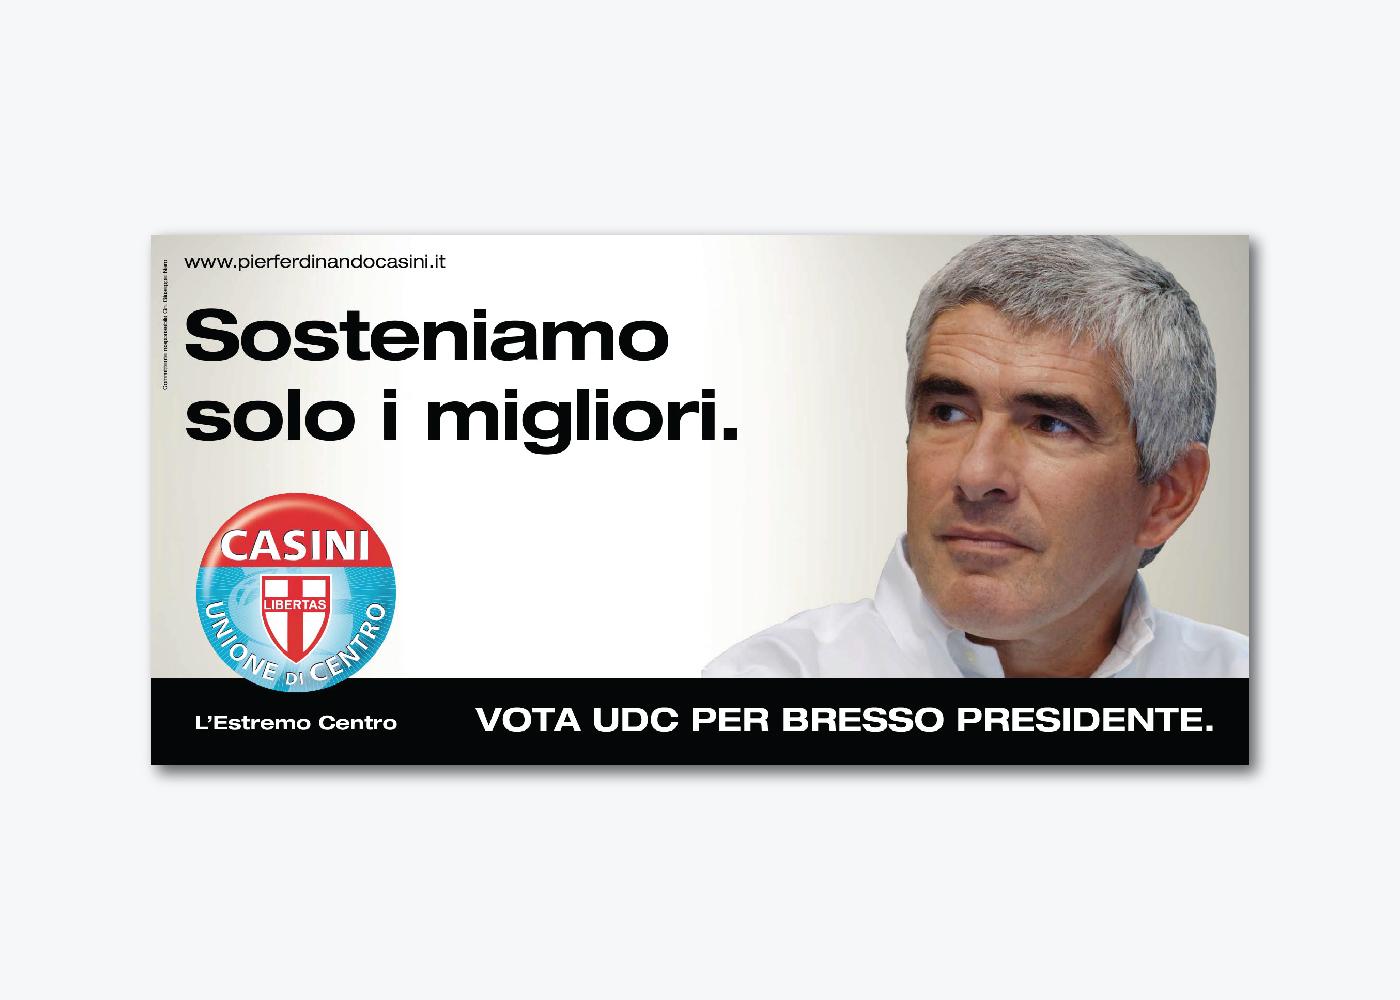 Campagna di comunicazione elezioni regionali UDC